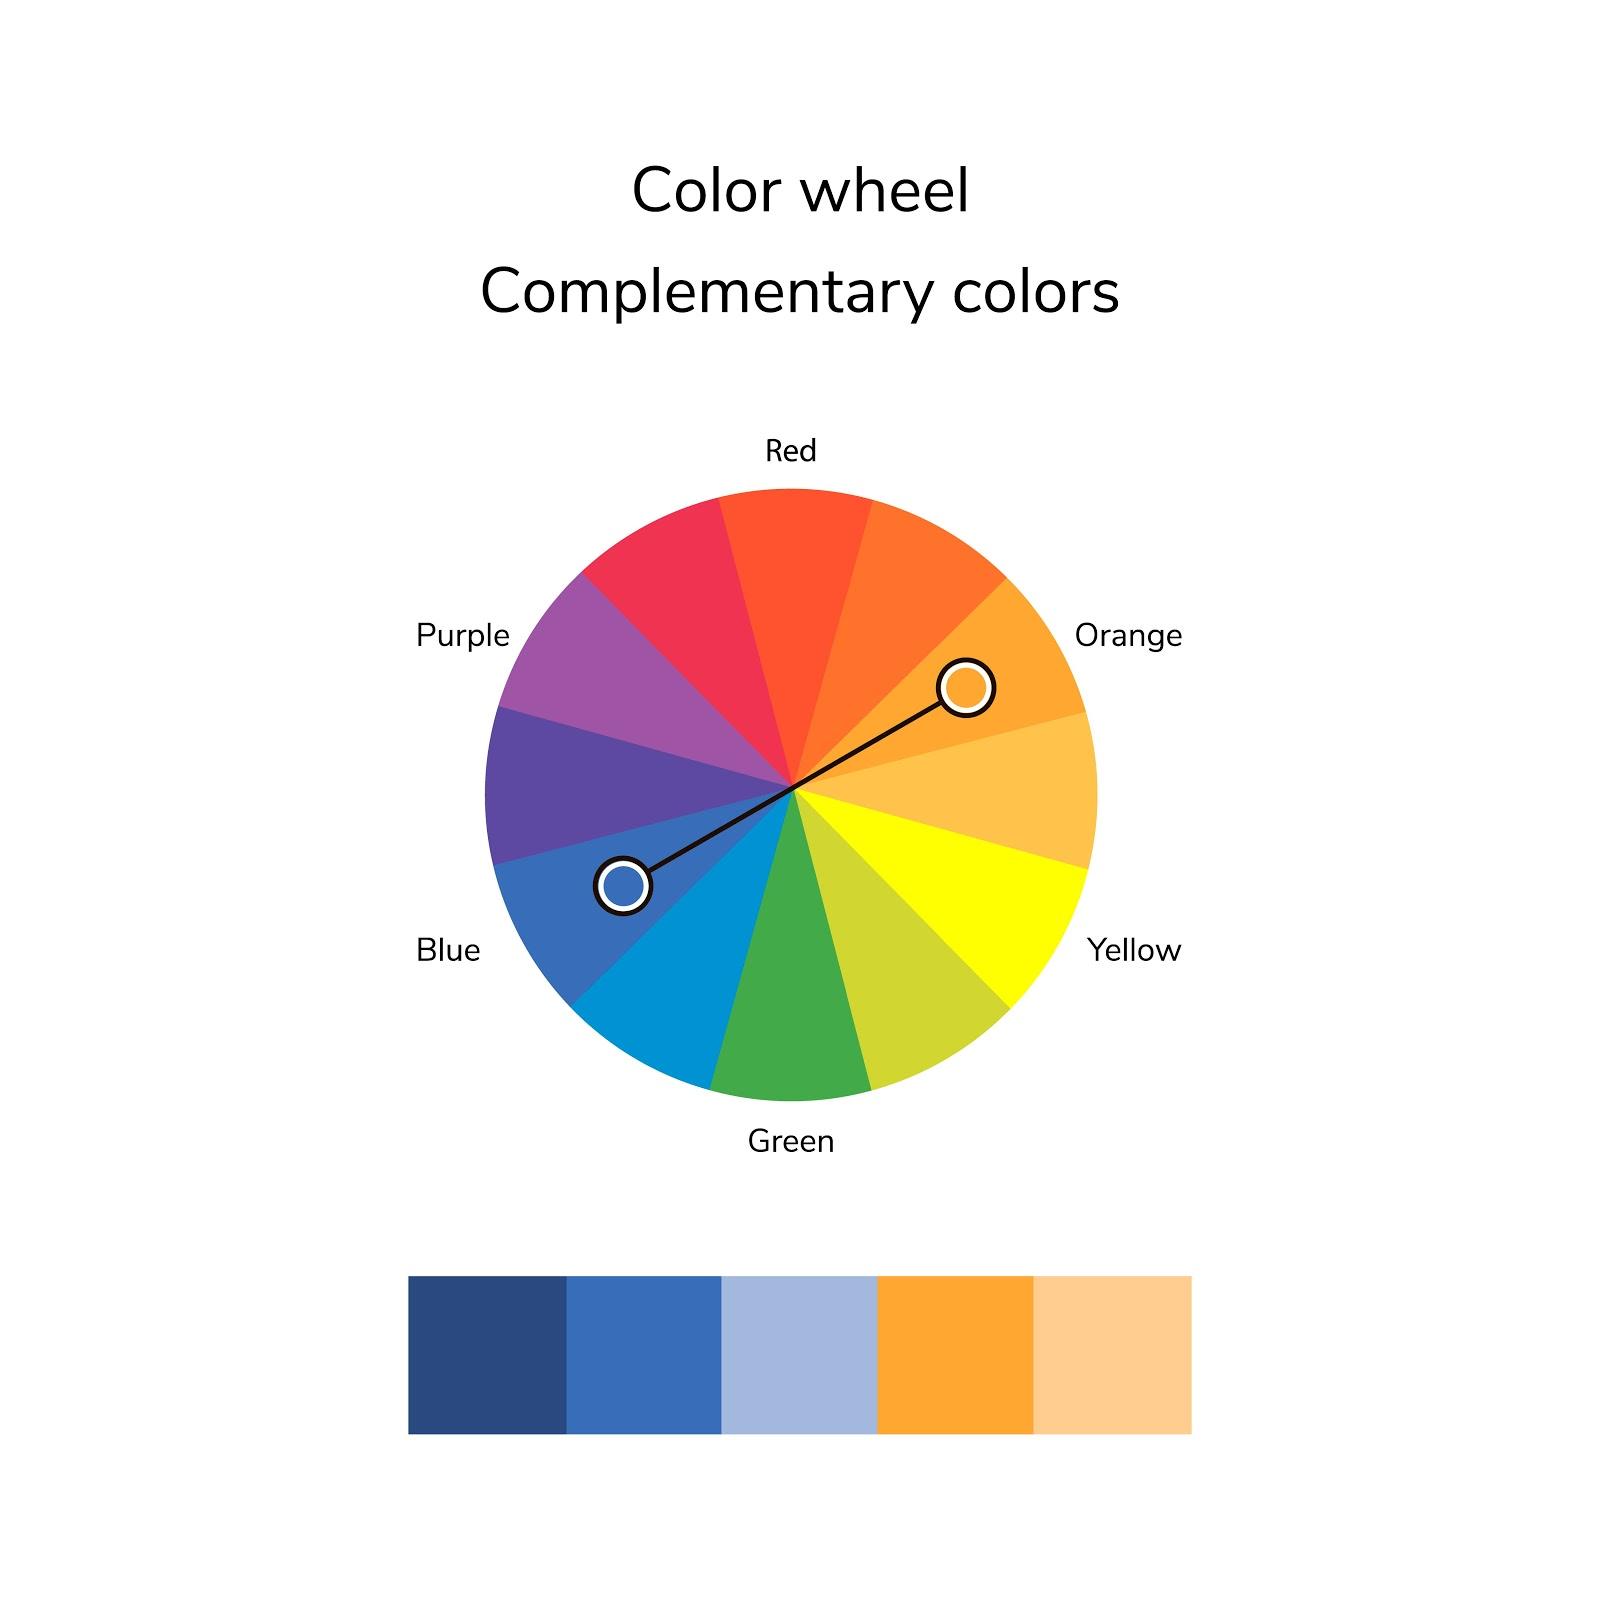 Intelegerea culorilor complementare